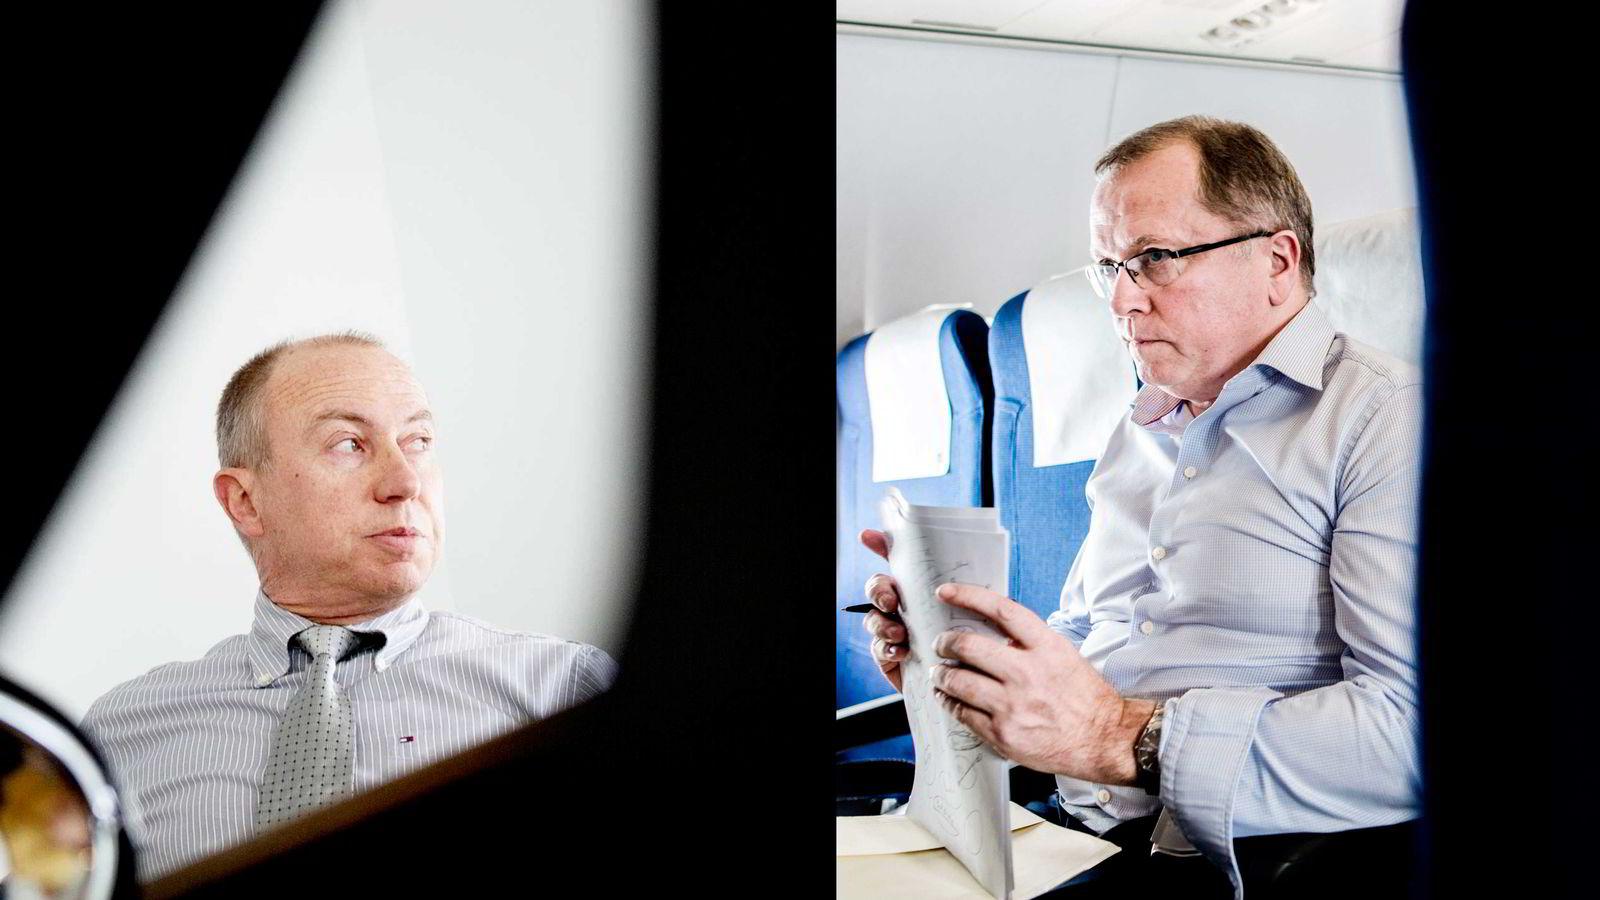 Fra venstre konsernsjef i Statkraft, Christian Rynning-Tønnesen, og konsernsjef i Statoil, Eldar Sætre. Foto: Elin Høyland og